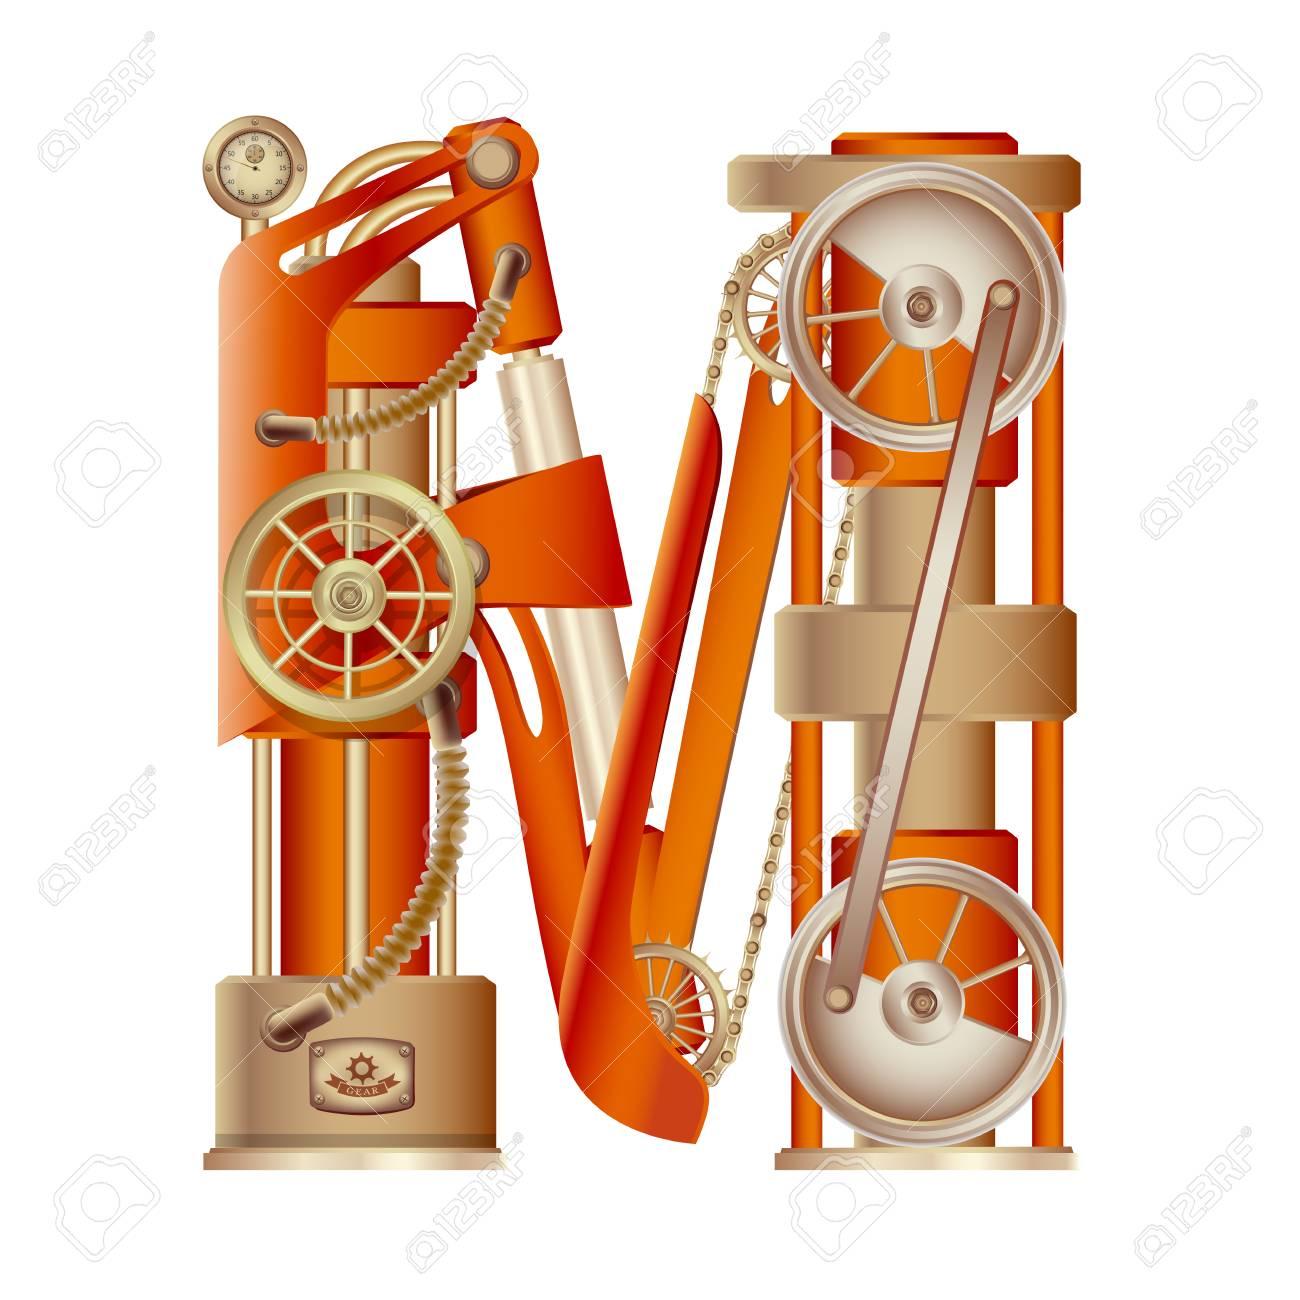 La Lettre M De L Alphabet Latin Faite Sous La Forme D Un Mecanisme